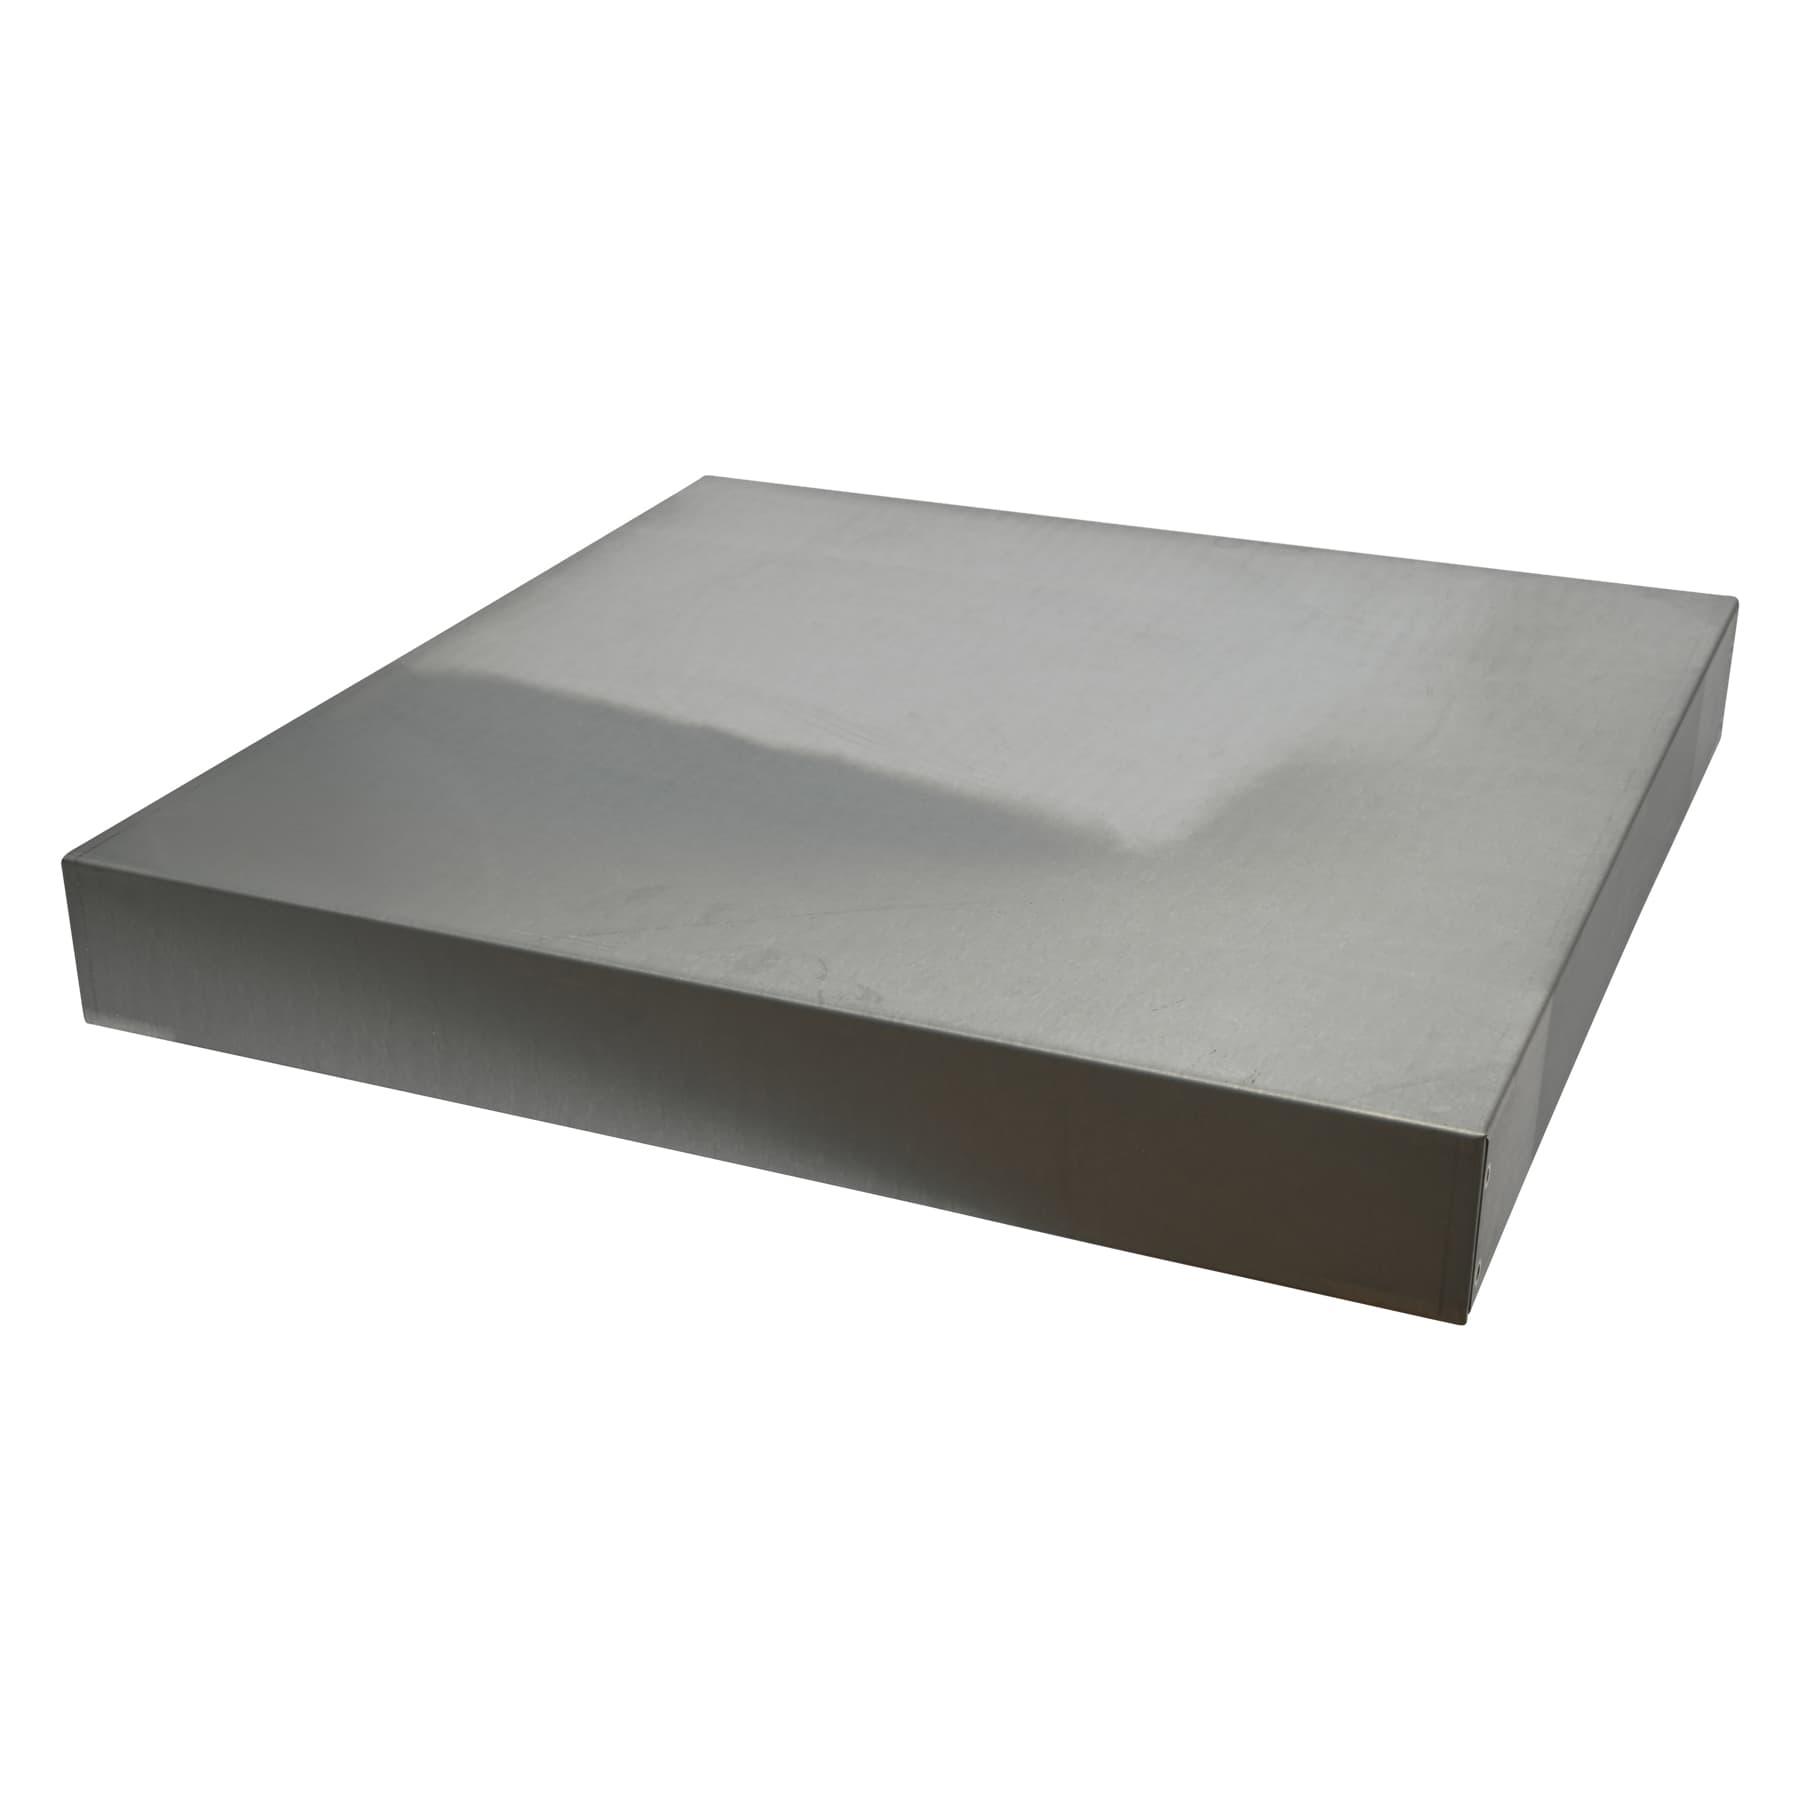 Blechdeckel, verzinkt rechtwinklig Innenmaß 520 x 520 x 68 mm für Dadantbeute 12 Waben